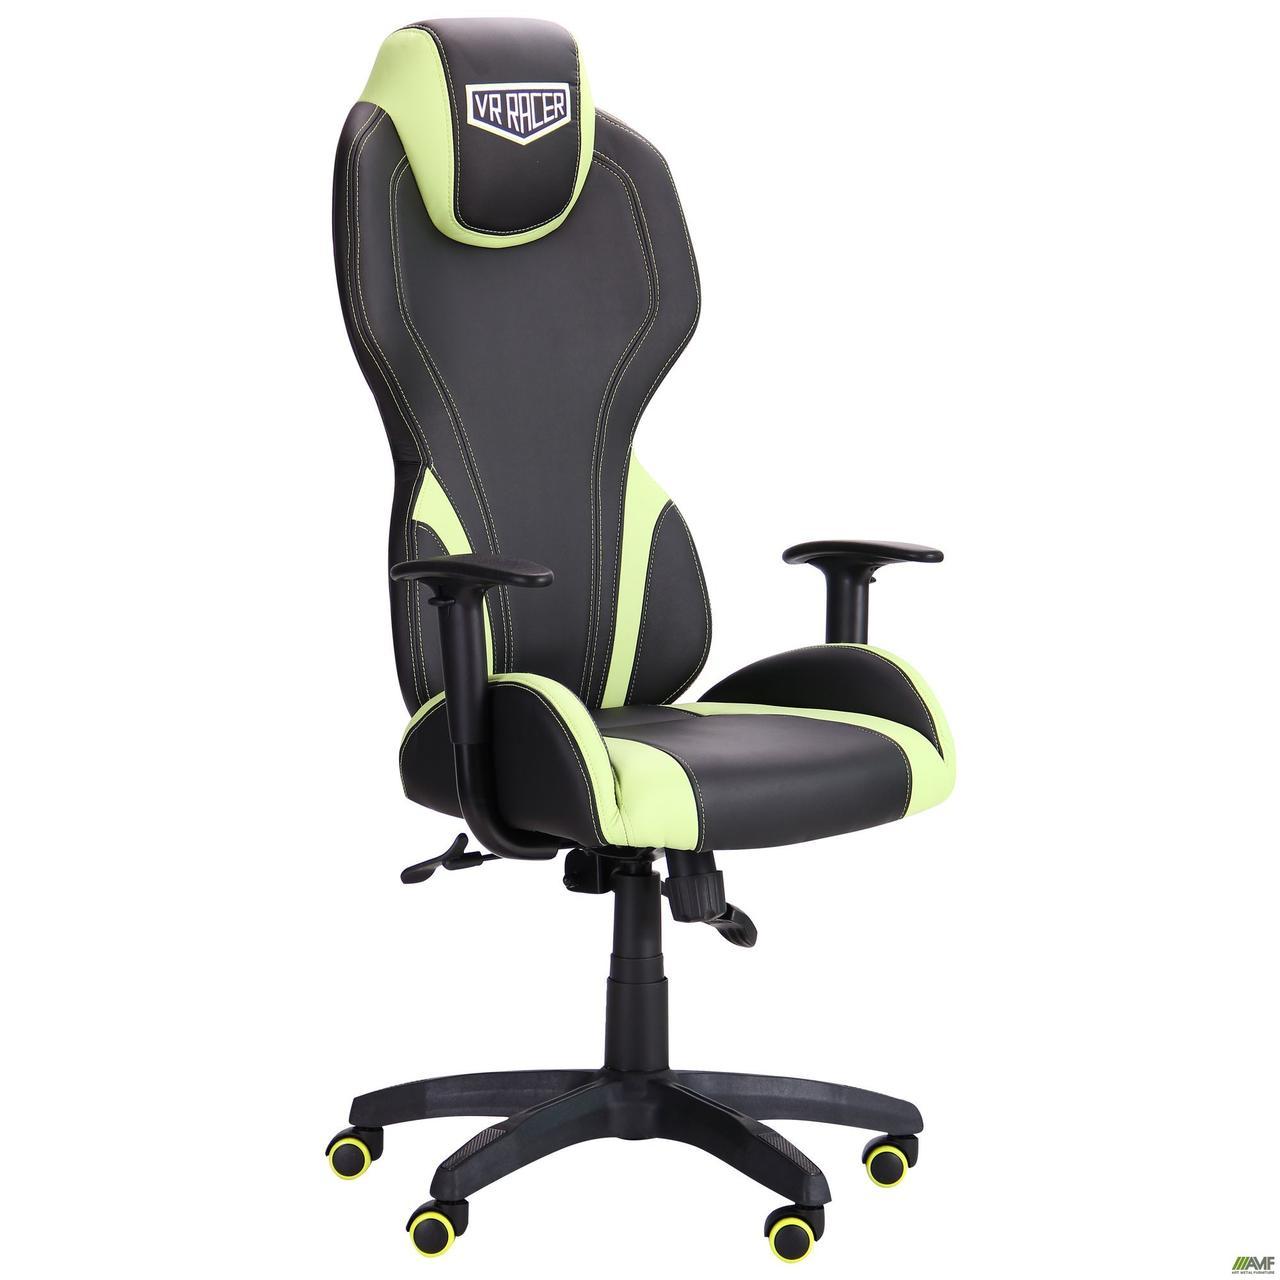 Кресло геймерское AMF VR Racer Zeus чёрное с салатовыми вставками